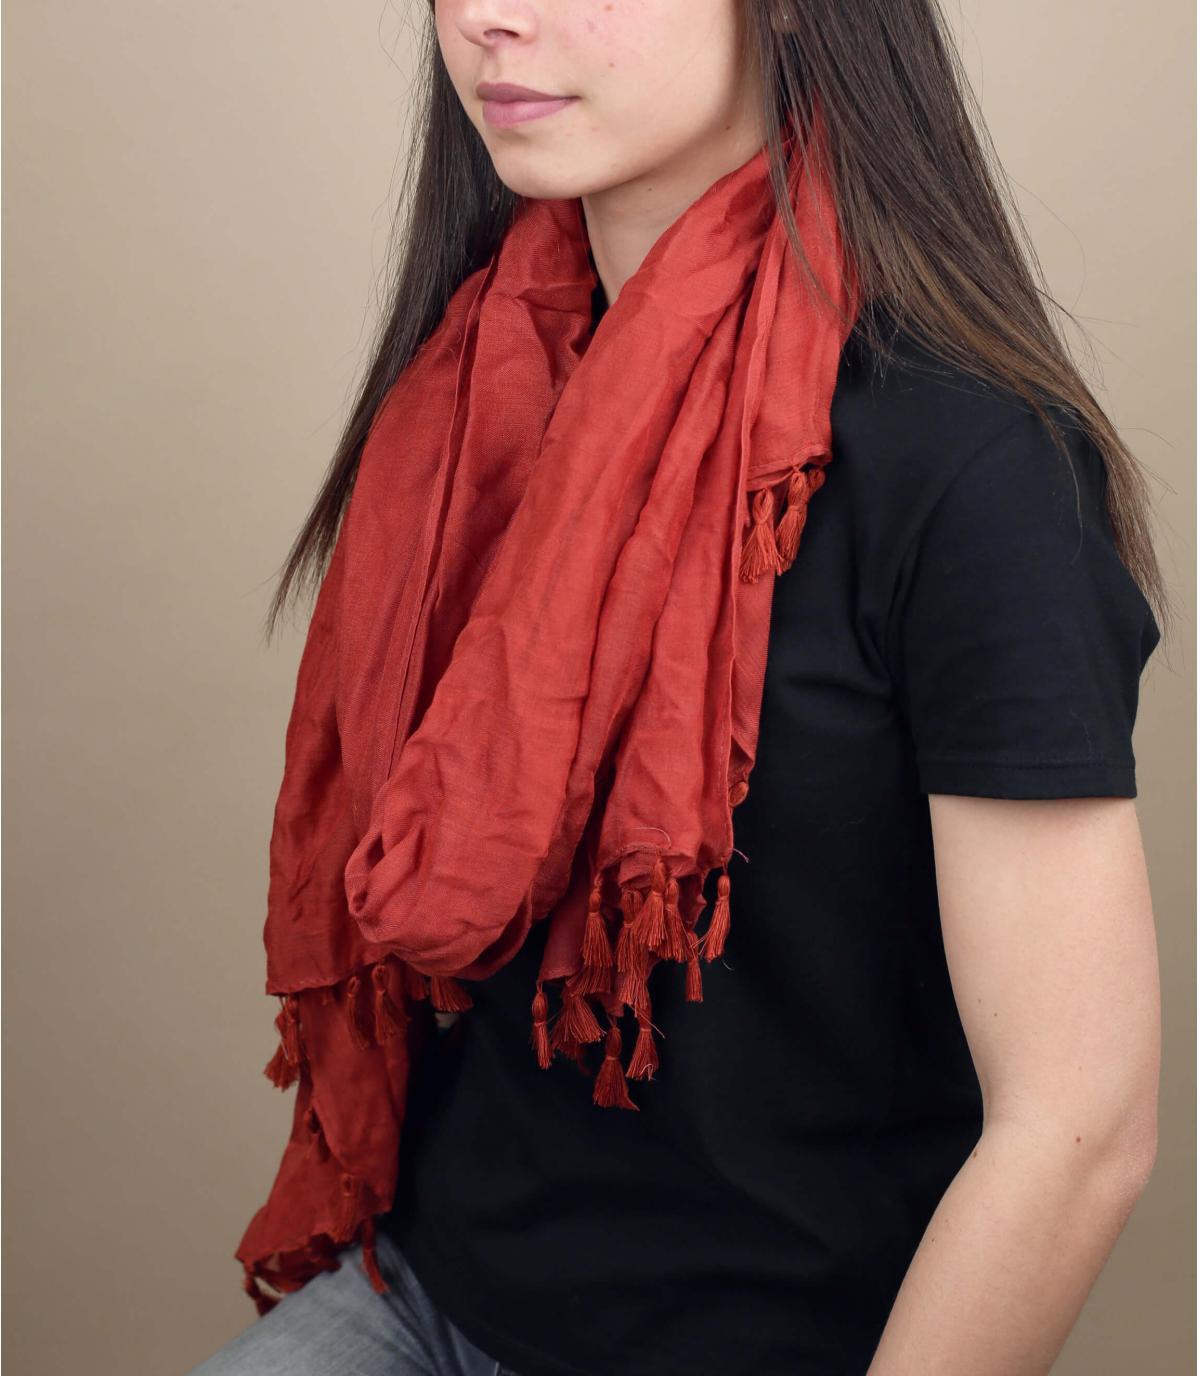 foulard color mattone viscosa